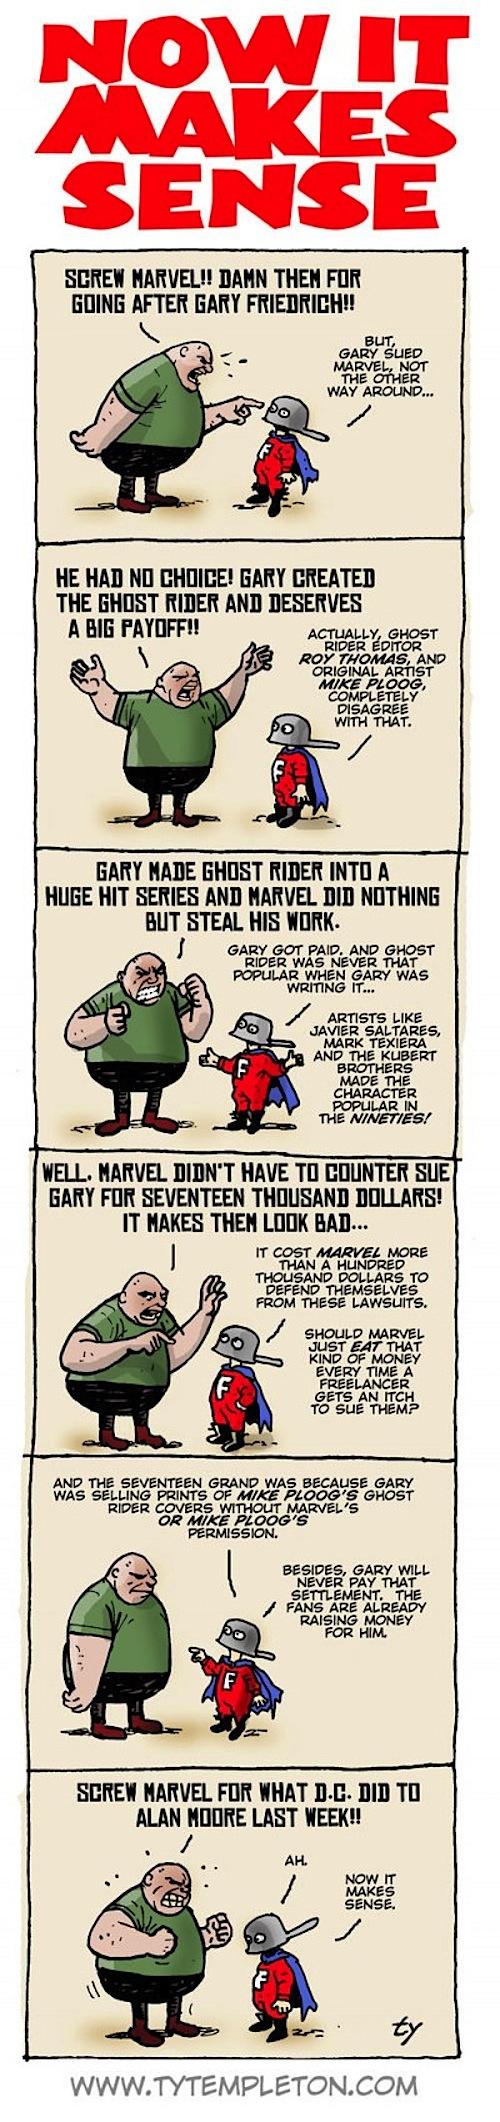 https://i2.wp.com/www.comicsbeat.com/wp-content/uploads/2012/02/201202151329.jpg?w=640